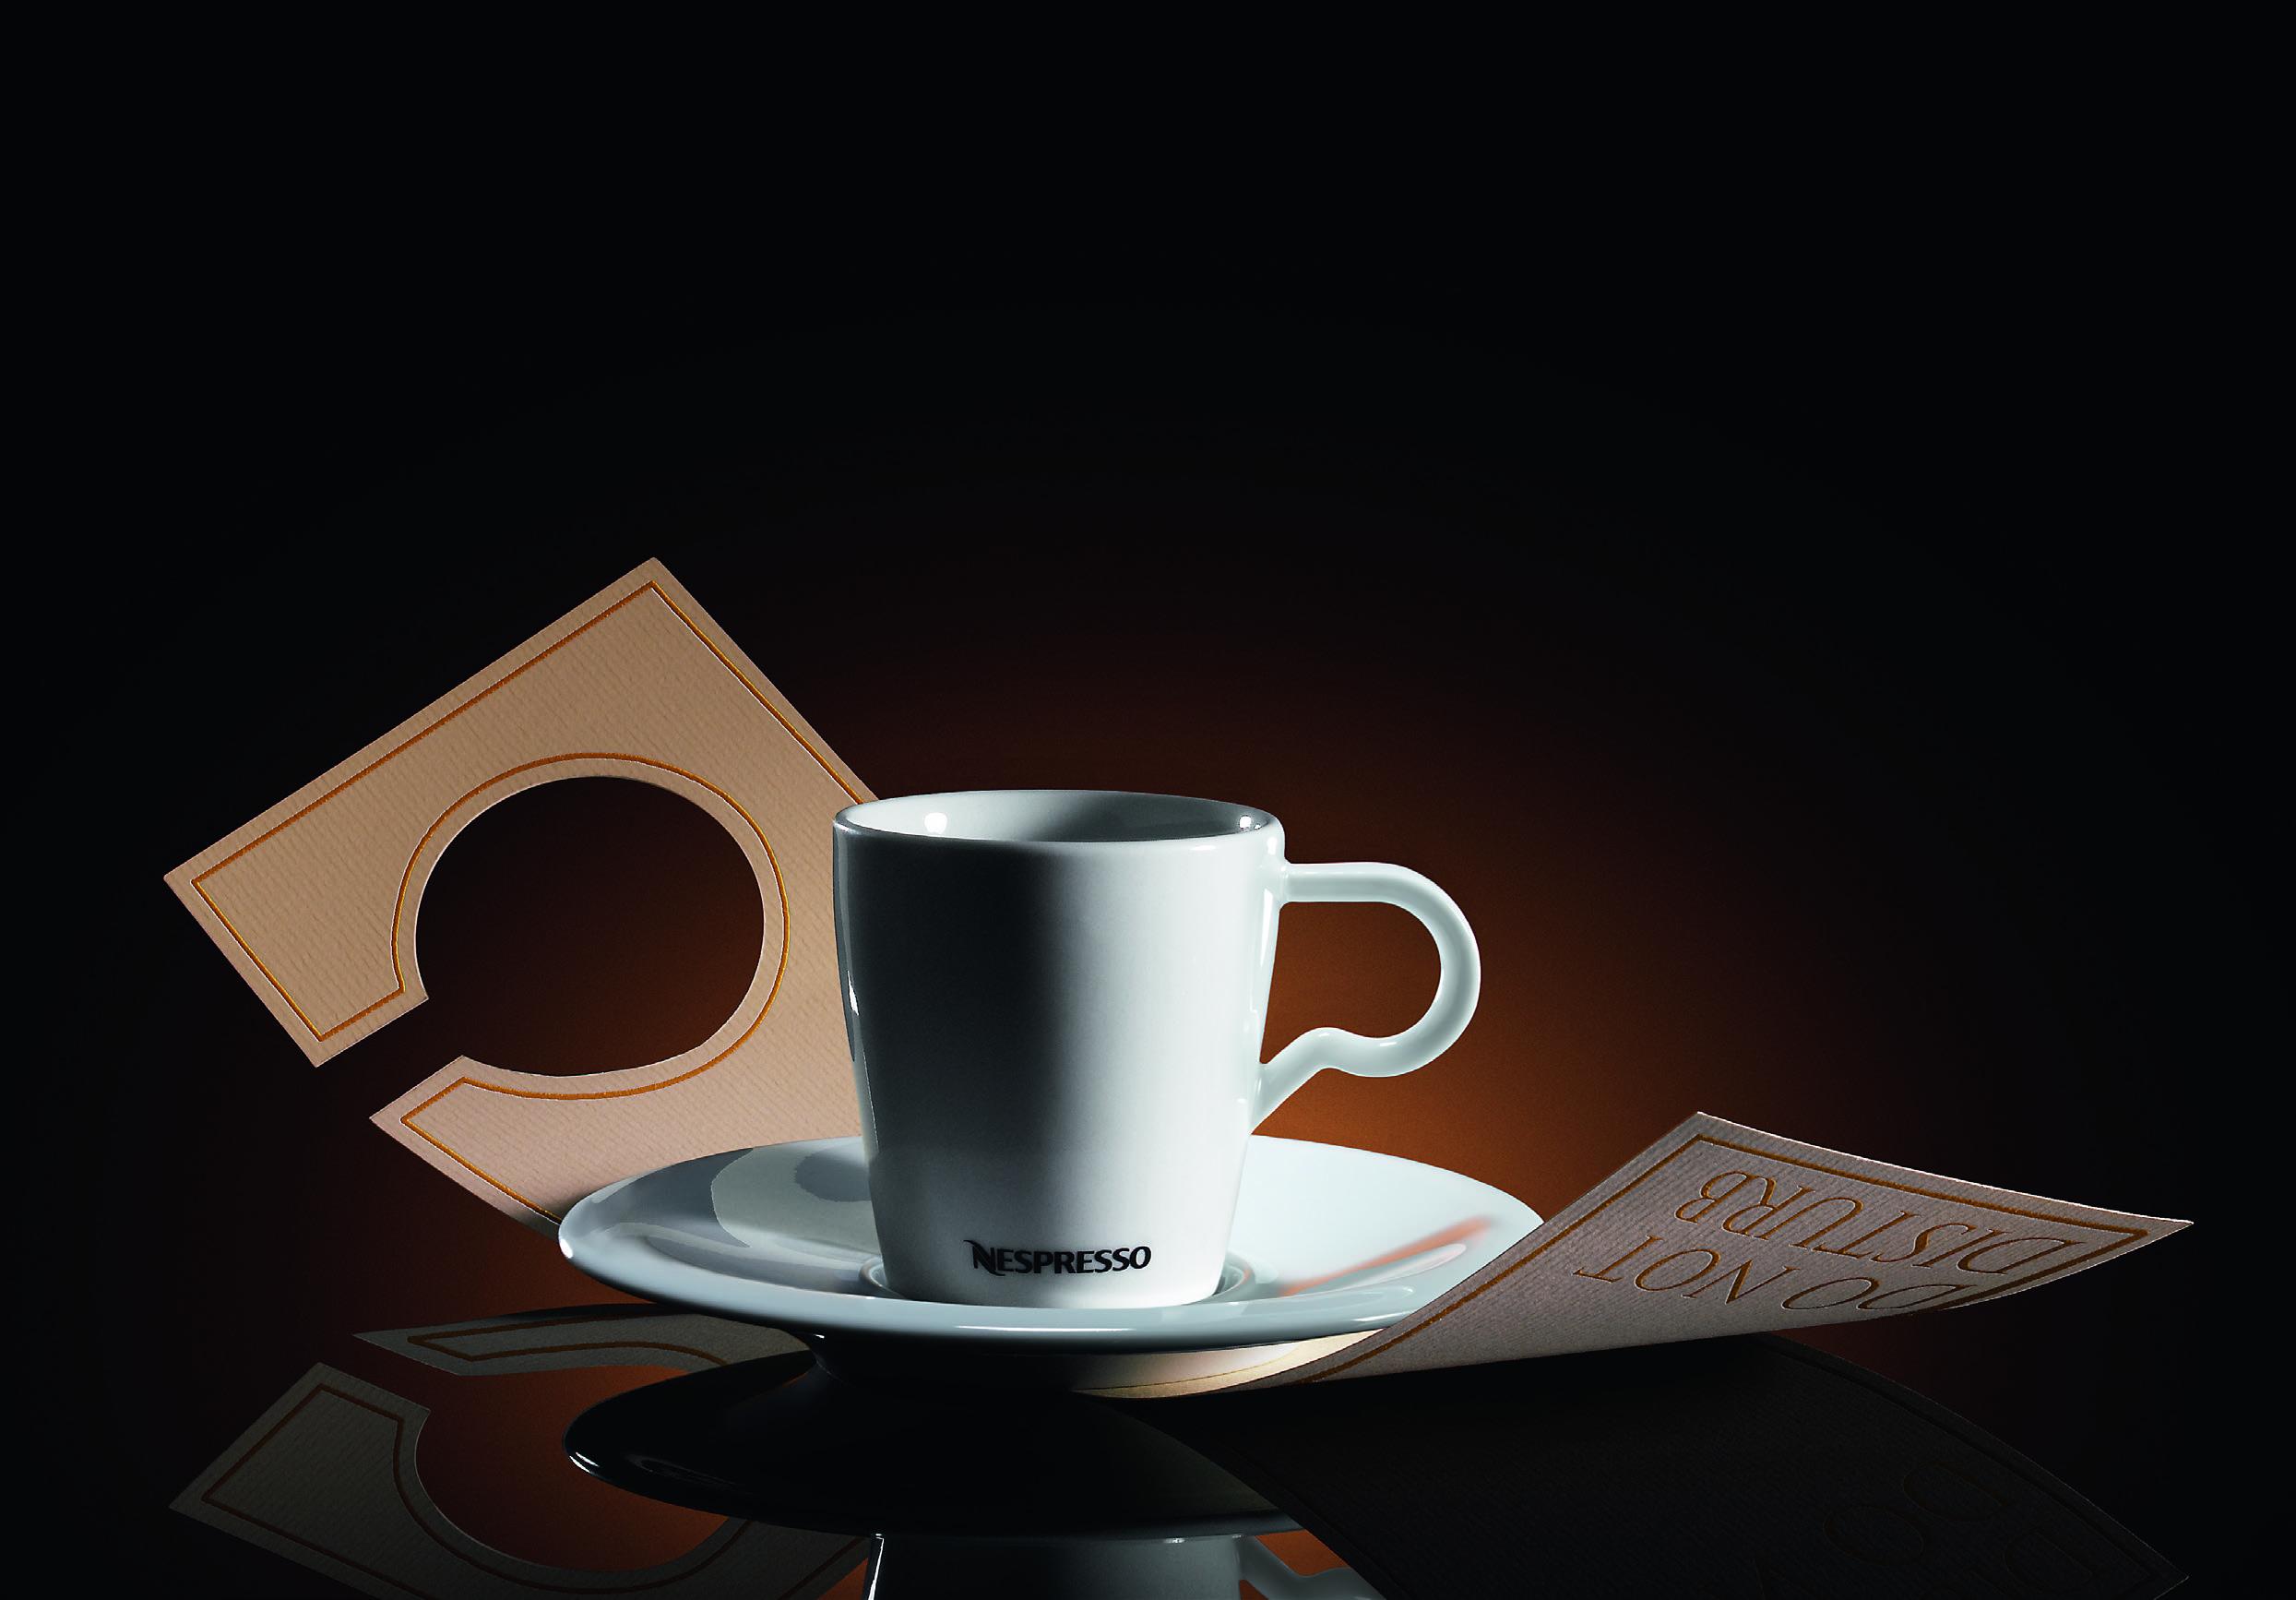 NespressoBanner.jpg